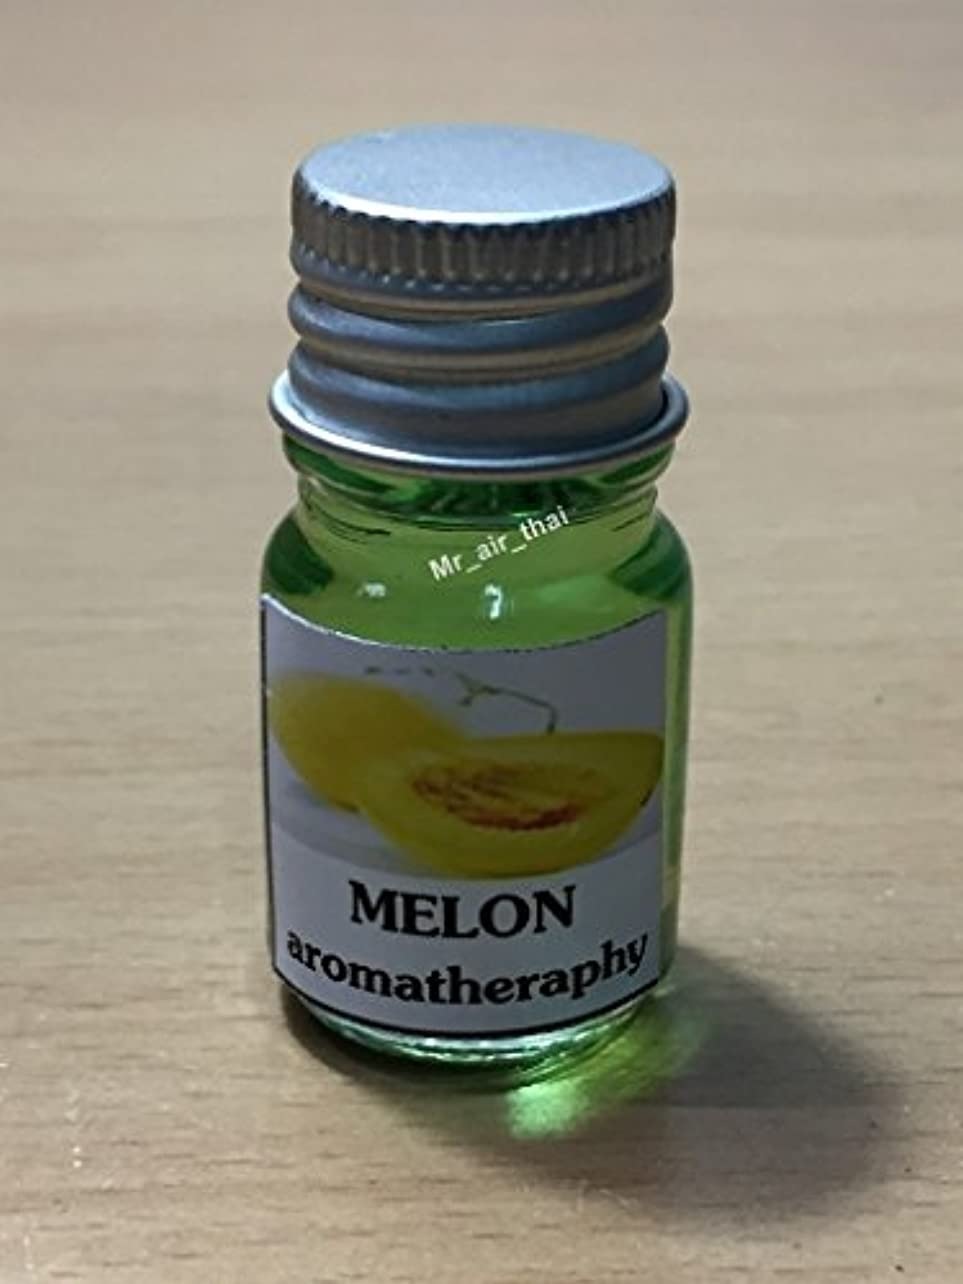 酸っぱいおもちゃ縞模様の5ミリリットルアロマメロンフランクインセンスエッセンシャルオイルボトルアロマテラピーオイル自然自然5ml Aroma Melon Frankincense Essential Oil Bottles Aromatherapy...